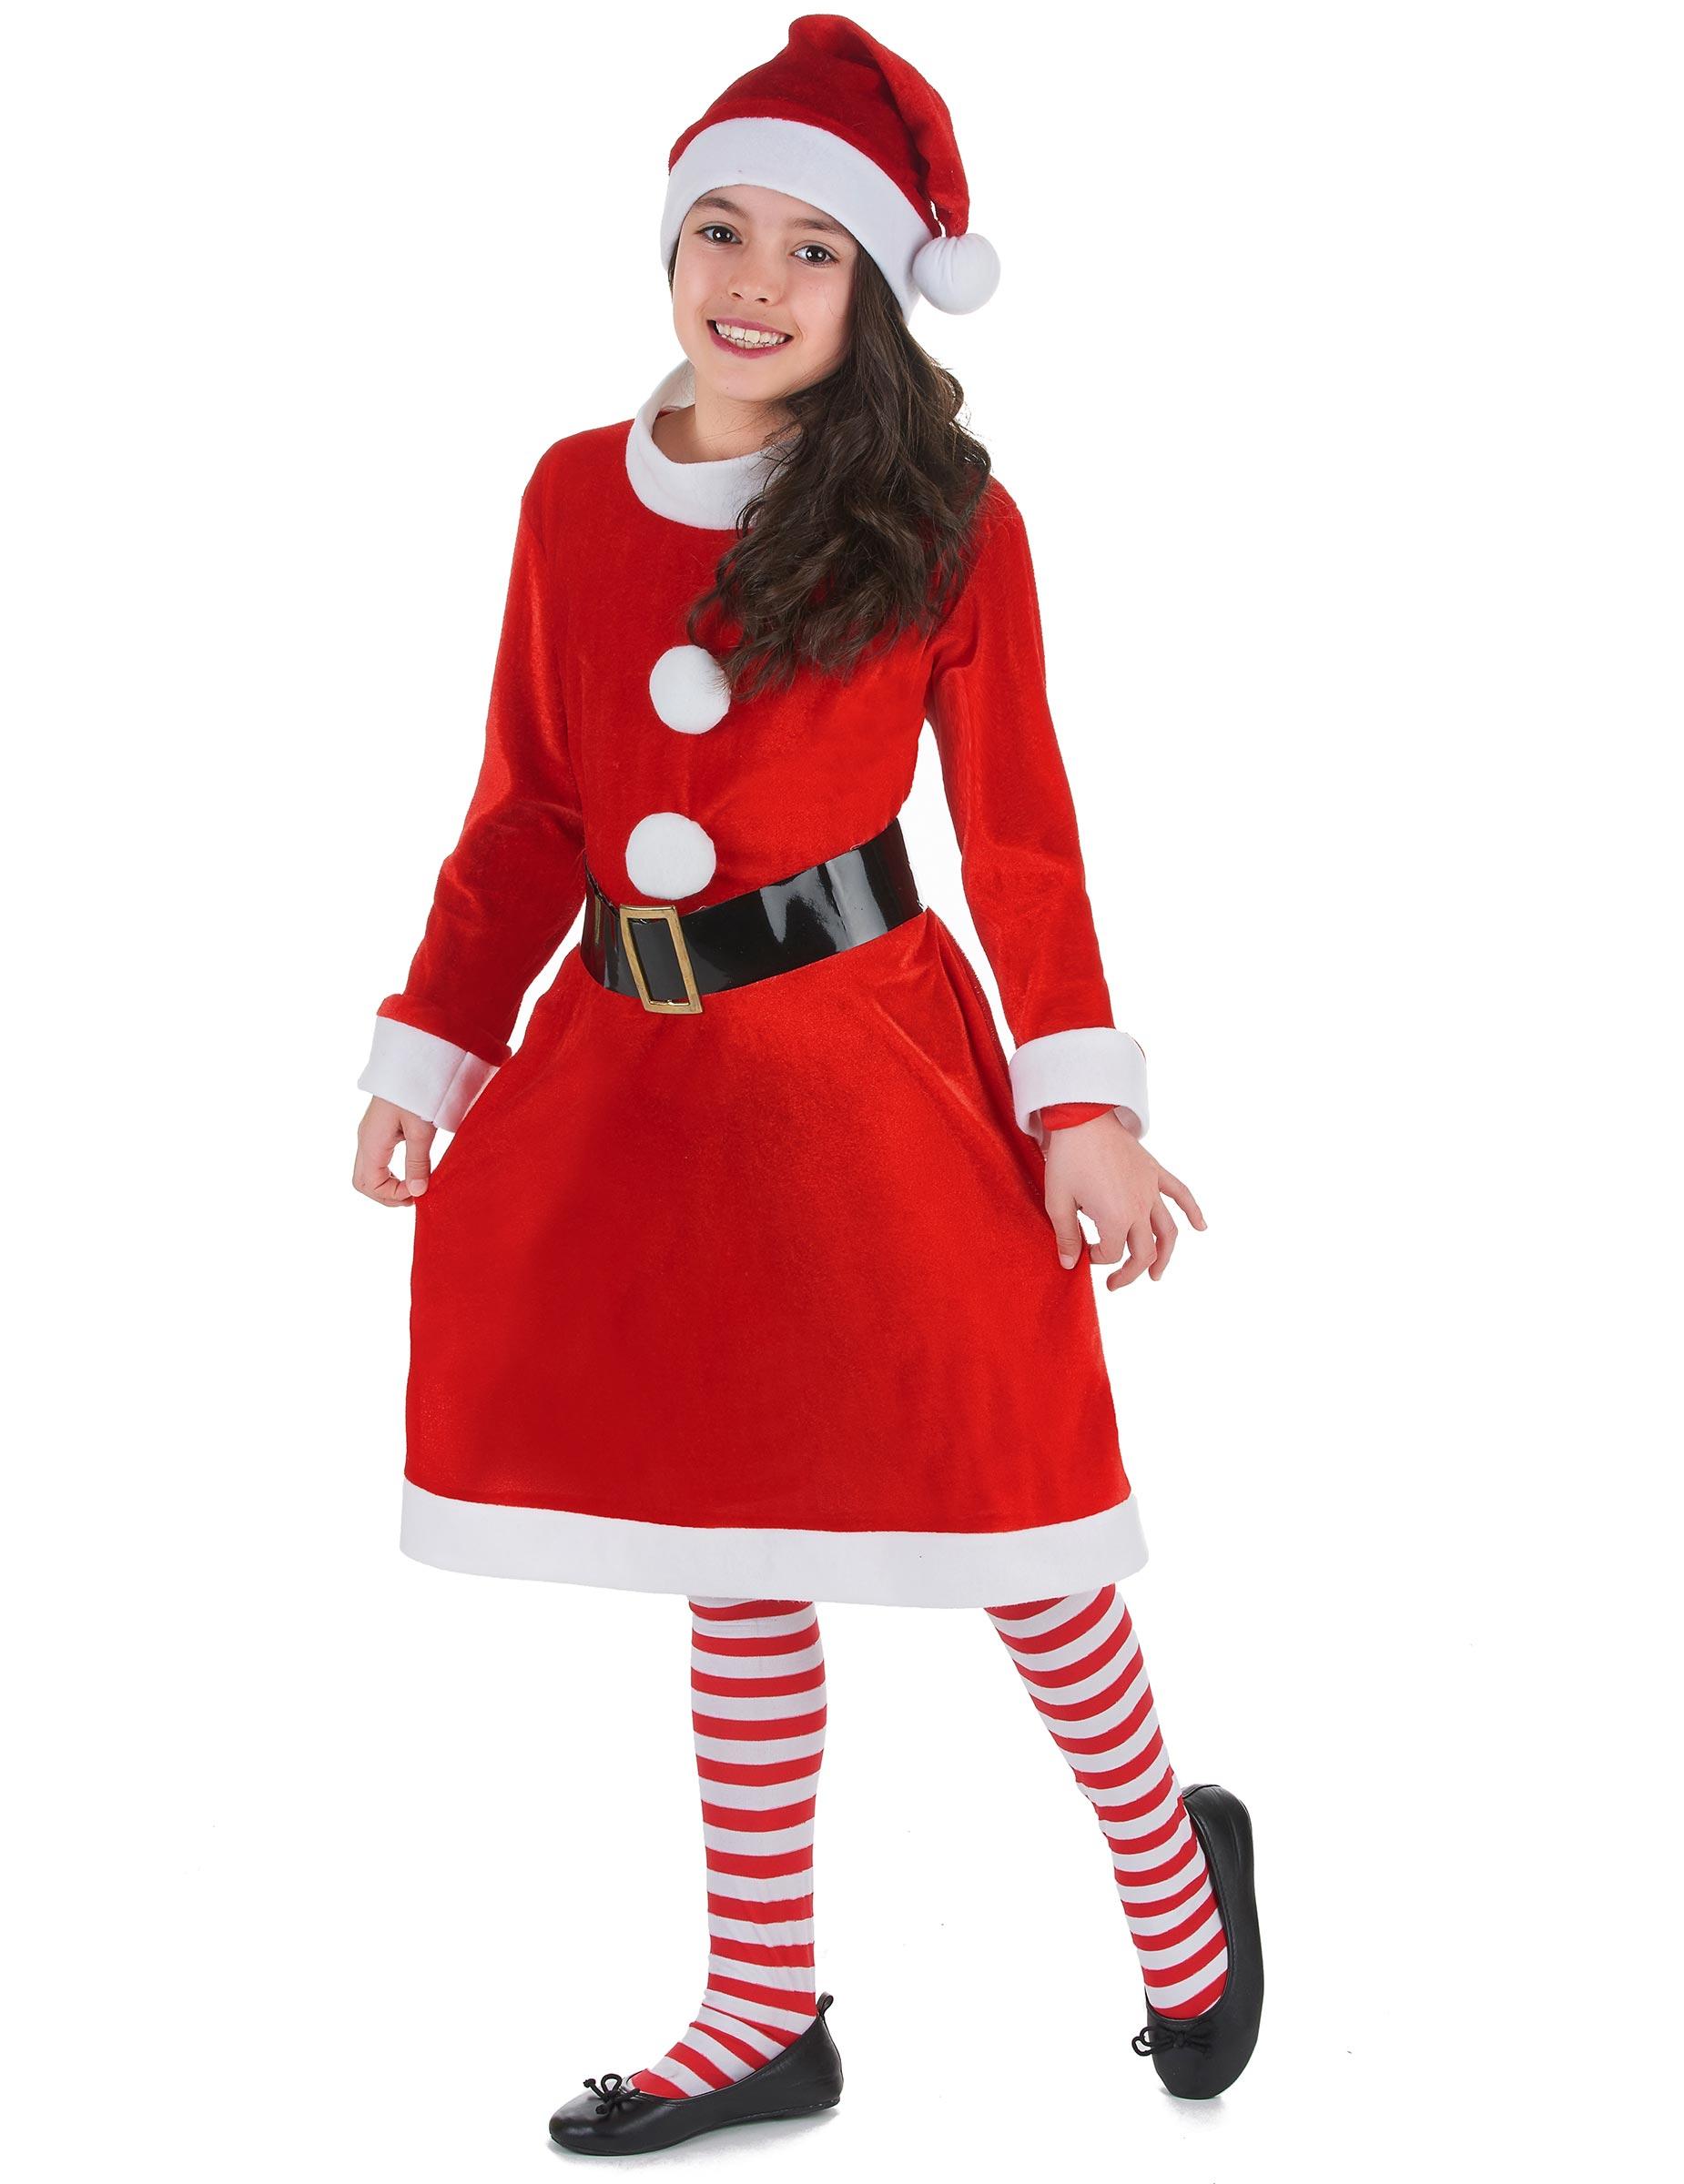 Tjusig tomteklänning för barn till jul-1 4b974ff43af92